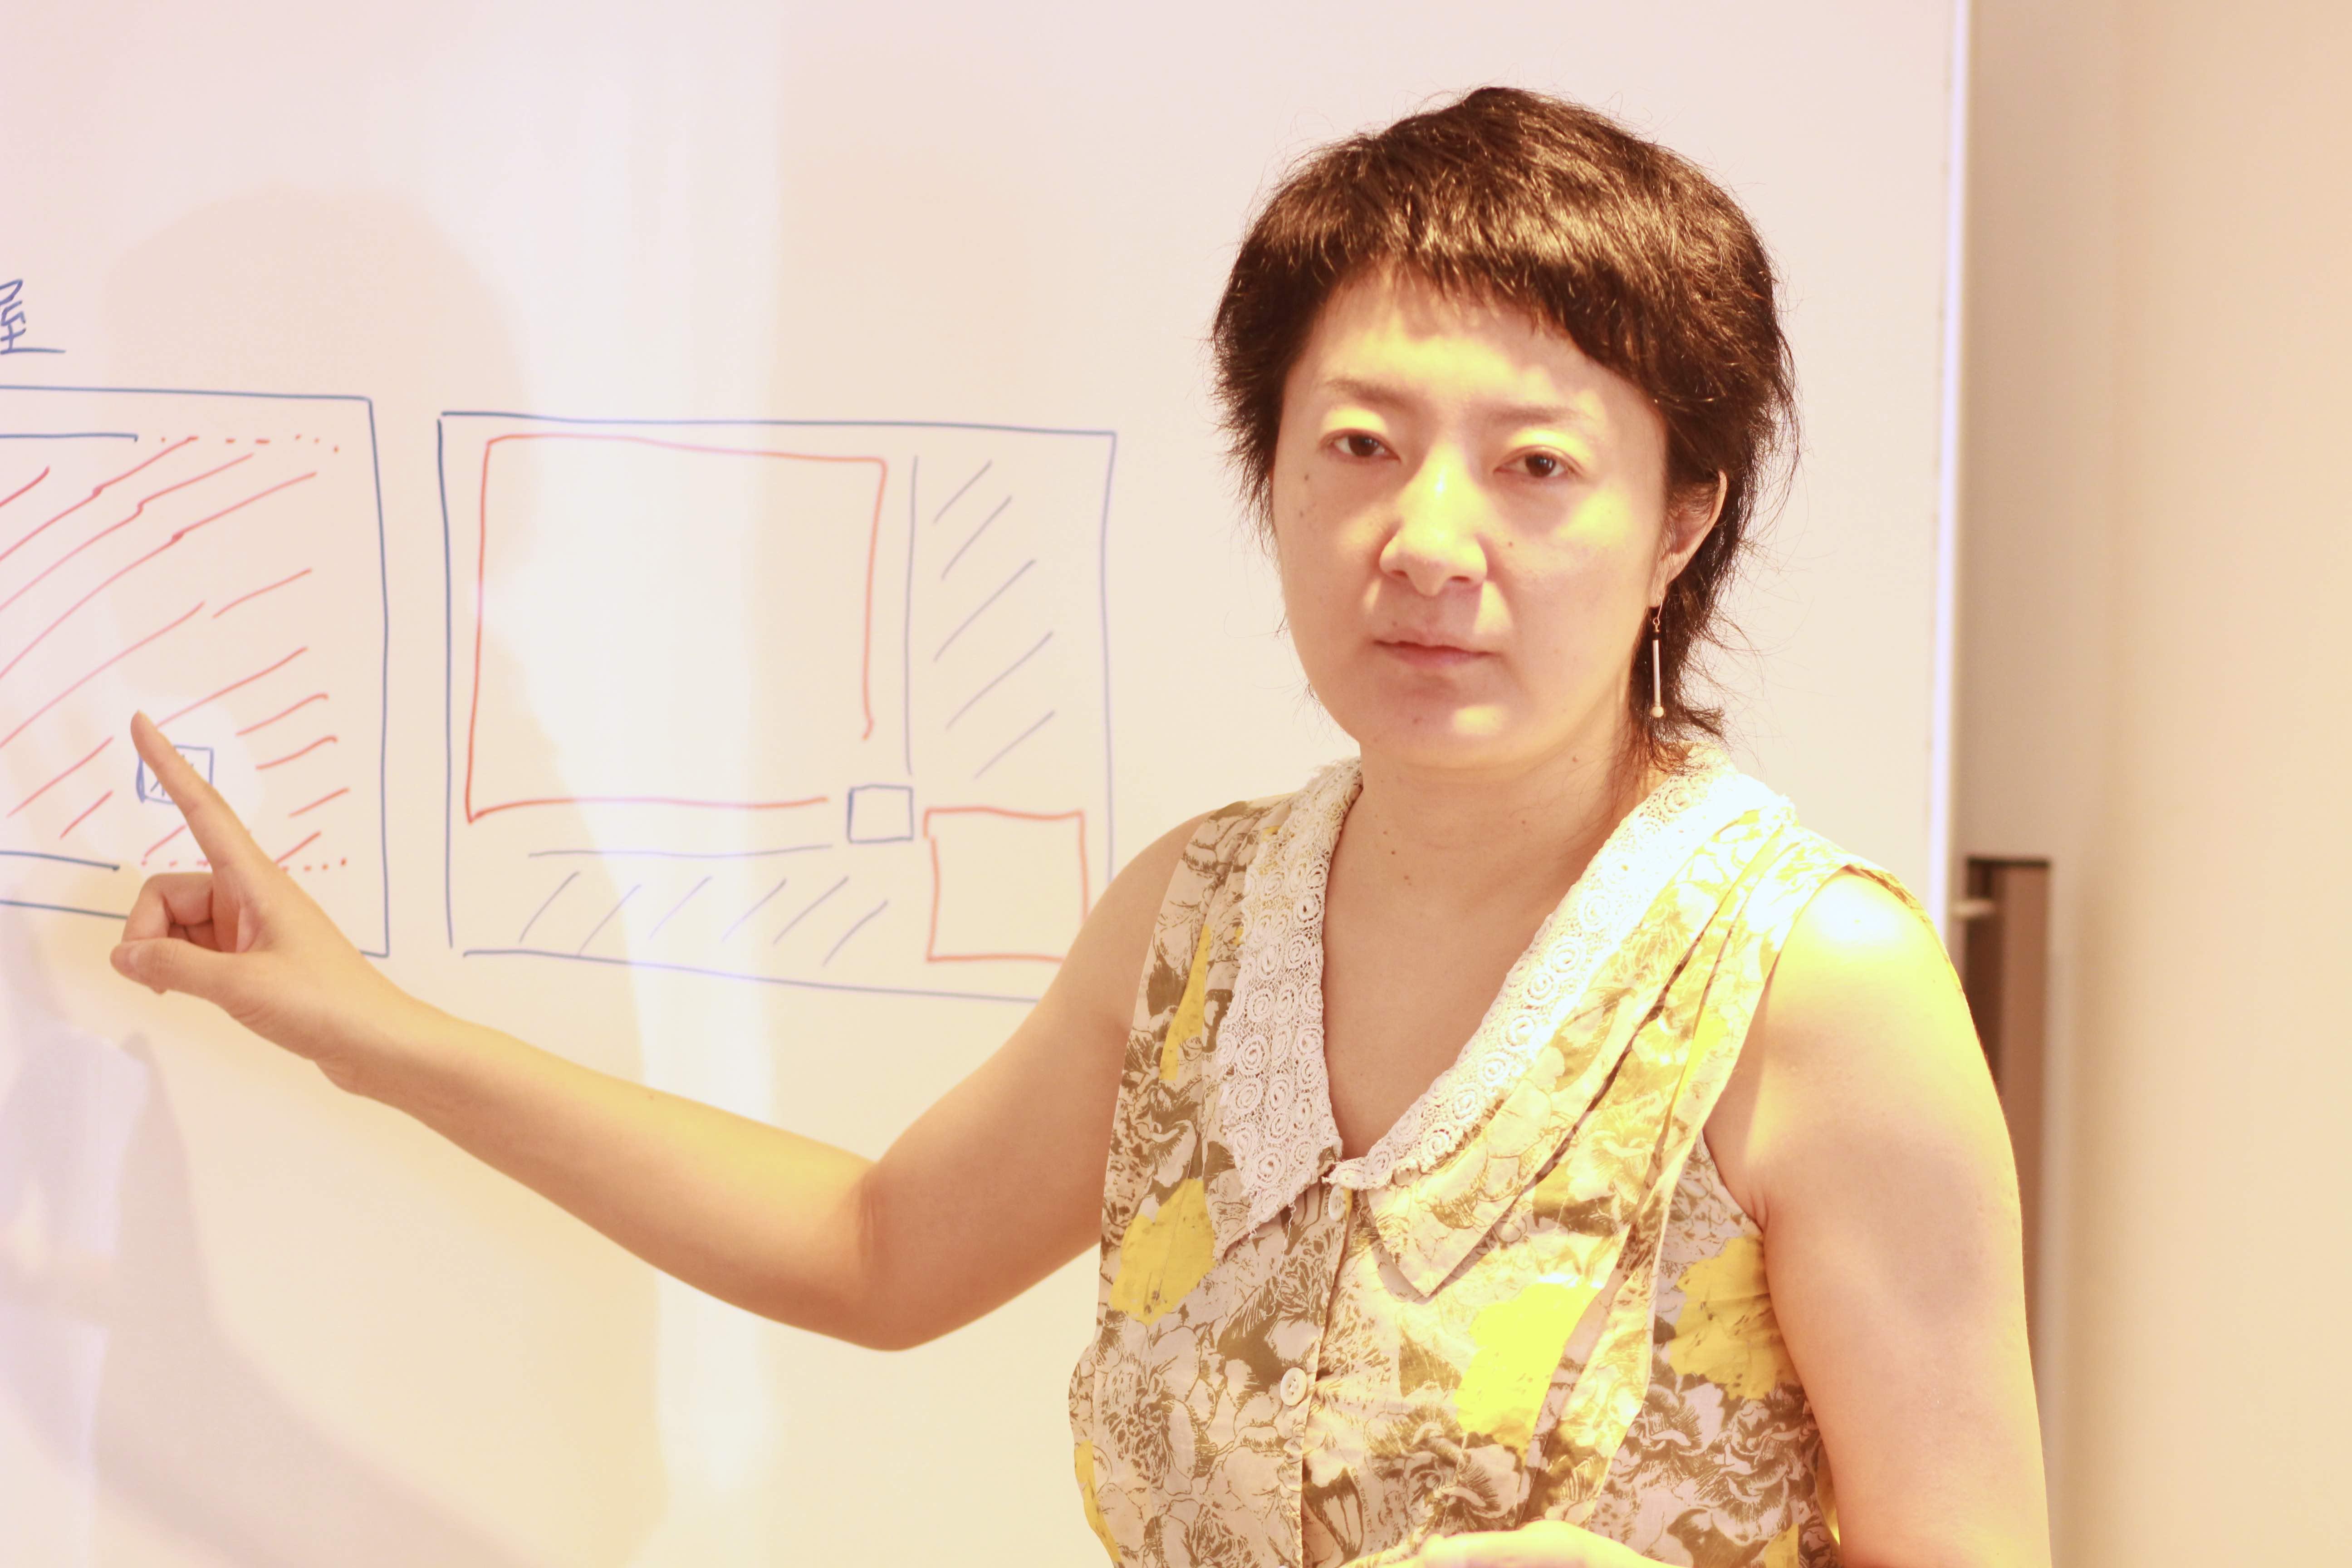 森下真纪(Maki Morishita)是否具有挑战性?贝多芬交响曲完成了所有项目2